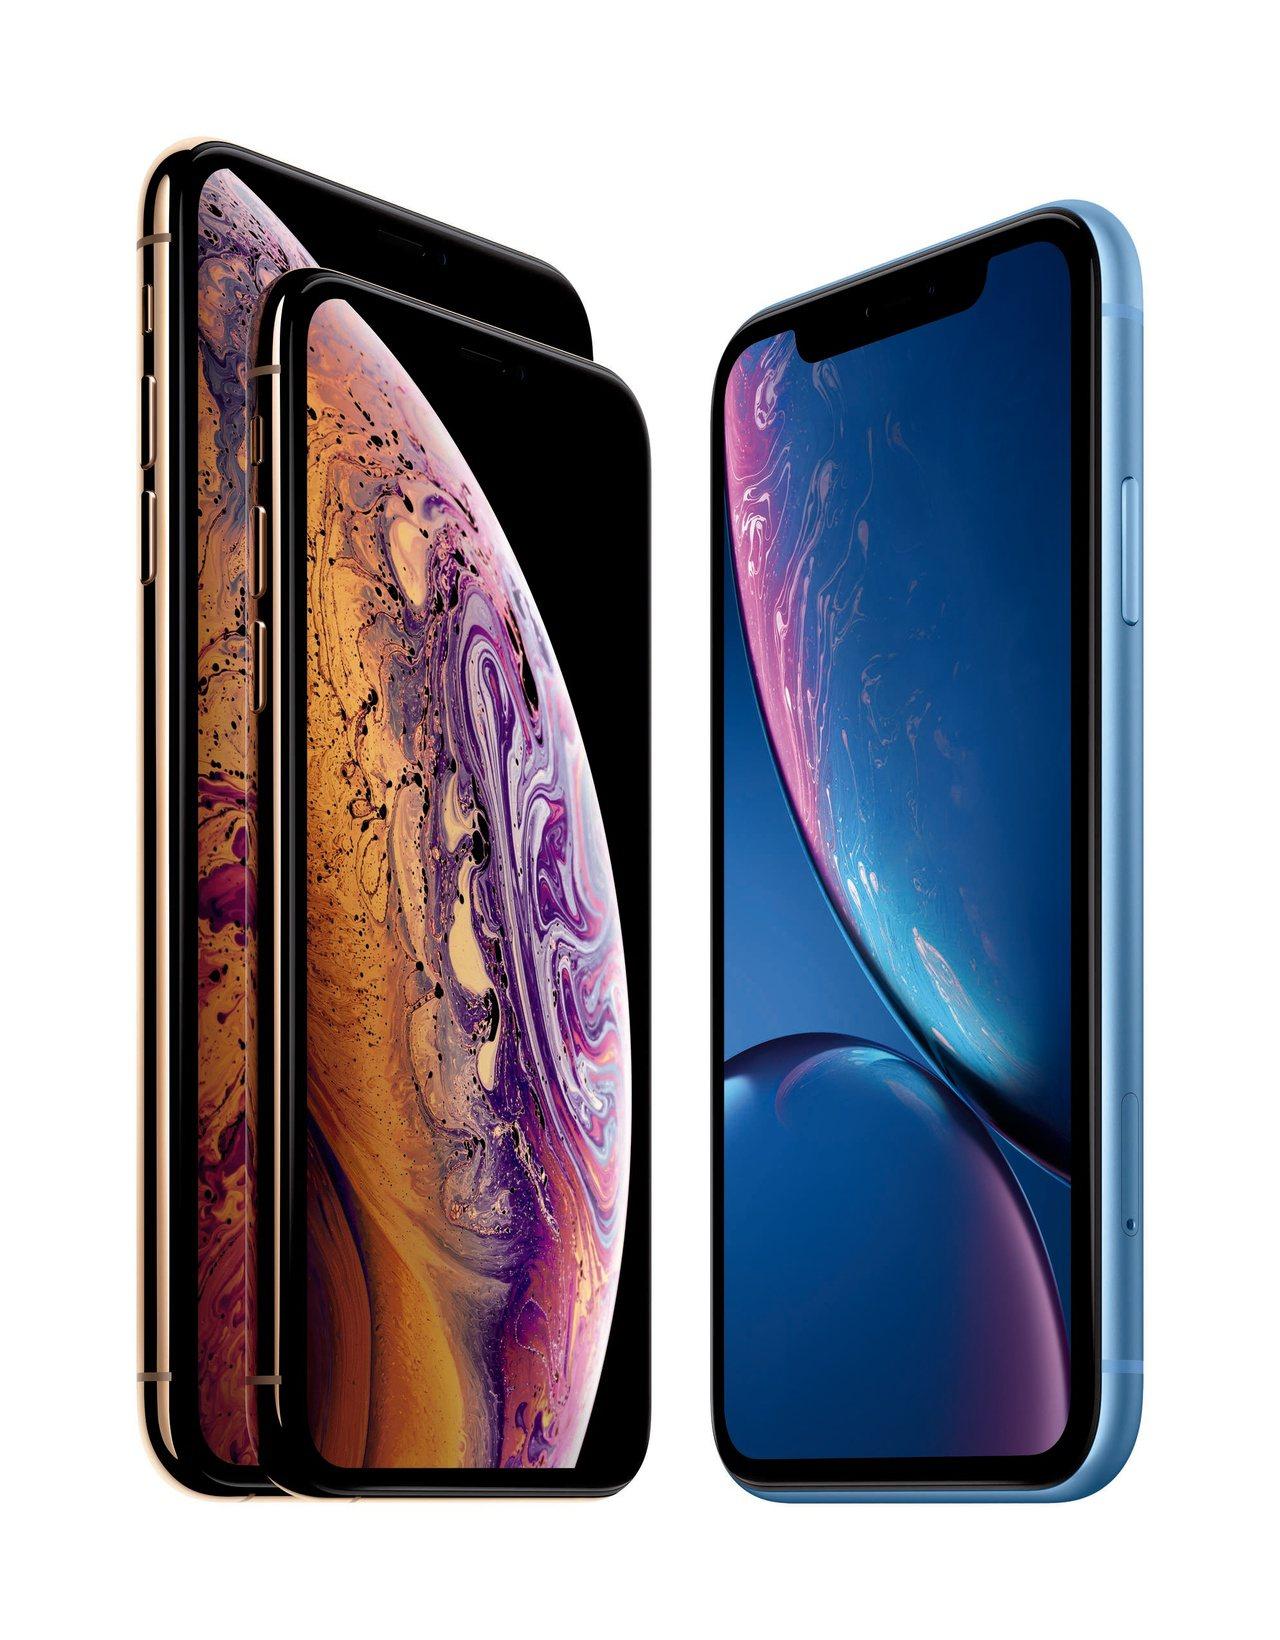 德誼數位即日起至9月30日祭出 iPhone系列特惠,購買iPhone XR及i...